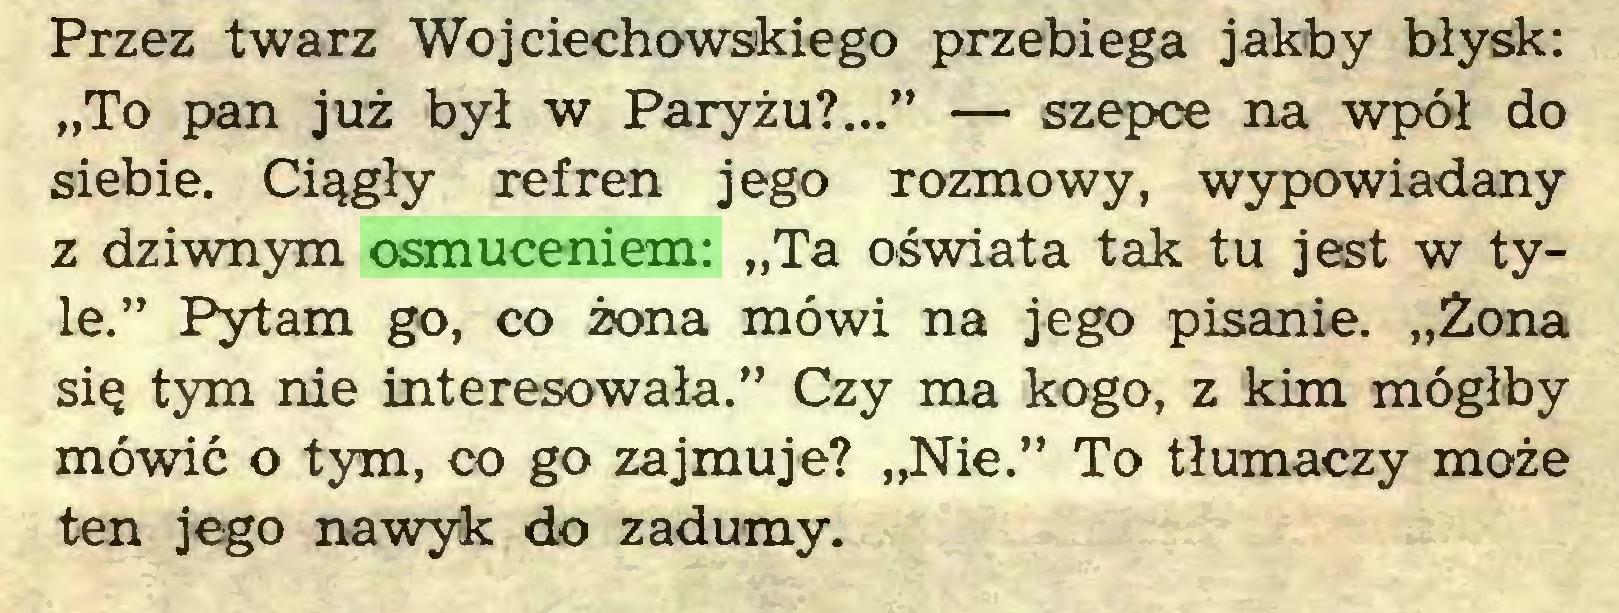 """(...) Przez twarz Wojciechowskiego przebiega jakby błysk: """"To pan już był w Paryżu?..."""" — szepce na wpół do siebie. Ciągły refren jego rozmowy, wypowiadany z dziwnym osmuceniem: """"Ta oświata tak tu jest w tyle."""" Pytam go, co żona mówi na jego pisanie. """"Żona się tym nie interesowała."""" Czy ma kogo, z kim mógłby mówić o tym, co go zajmuje? """"Nie."""" To tłumaczy może ten jego nawyk do zadumy..."""